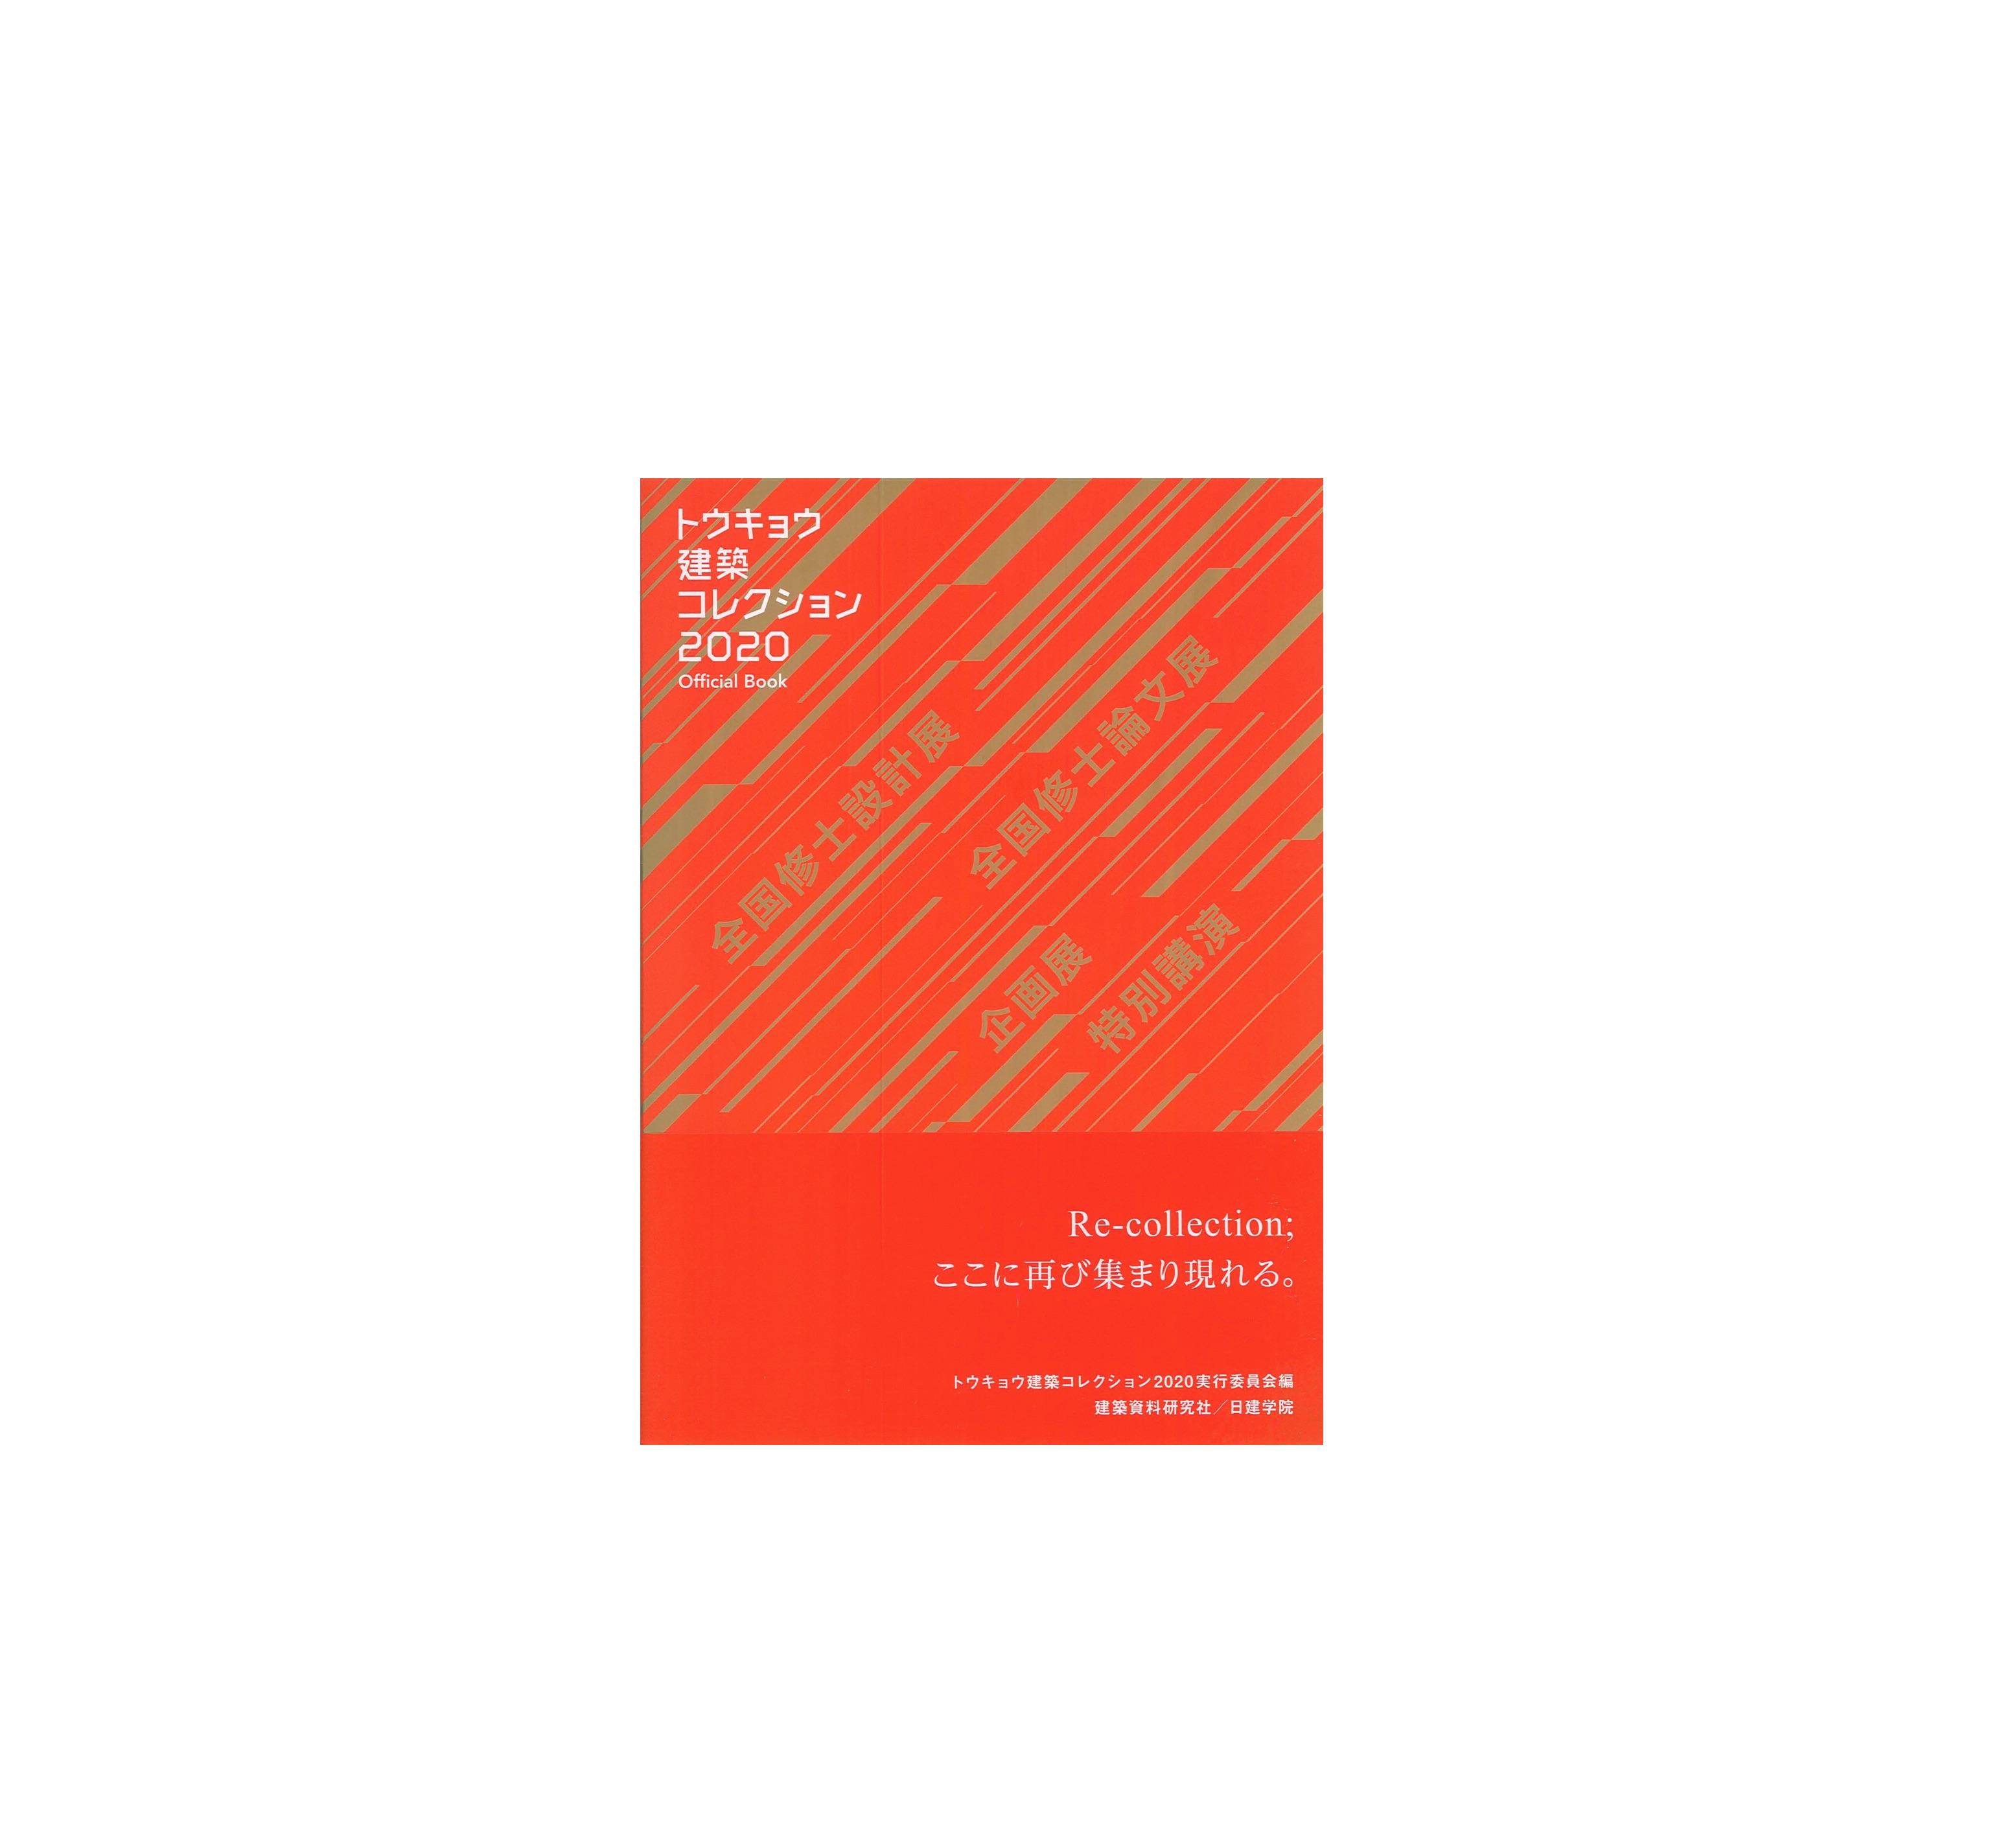 新刊『トウキョウ建築コレクション2020 Official Book』